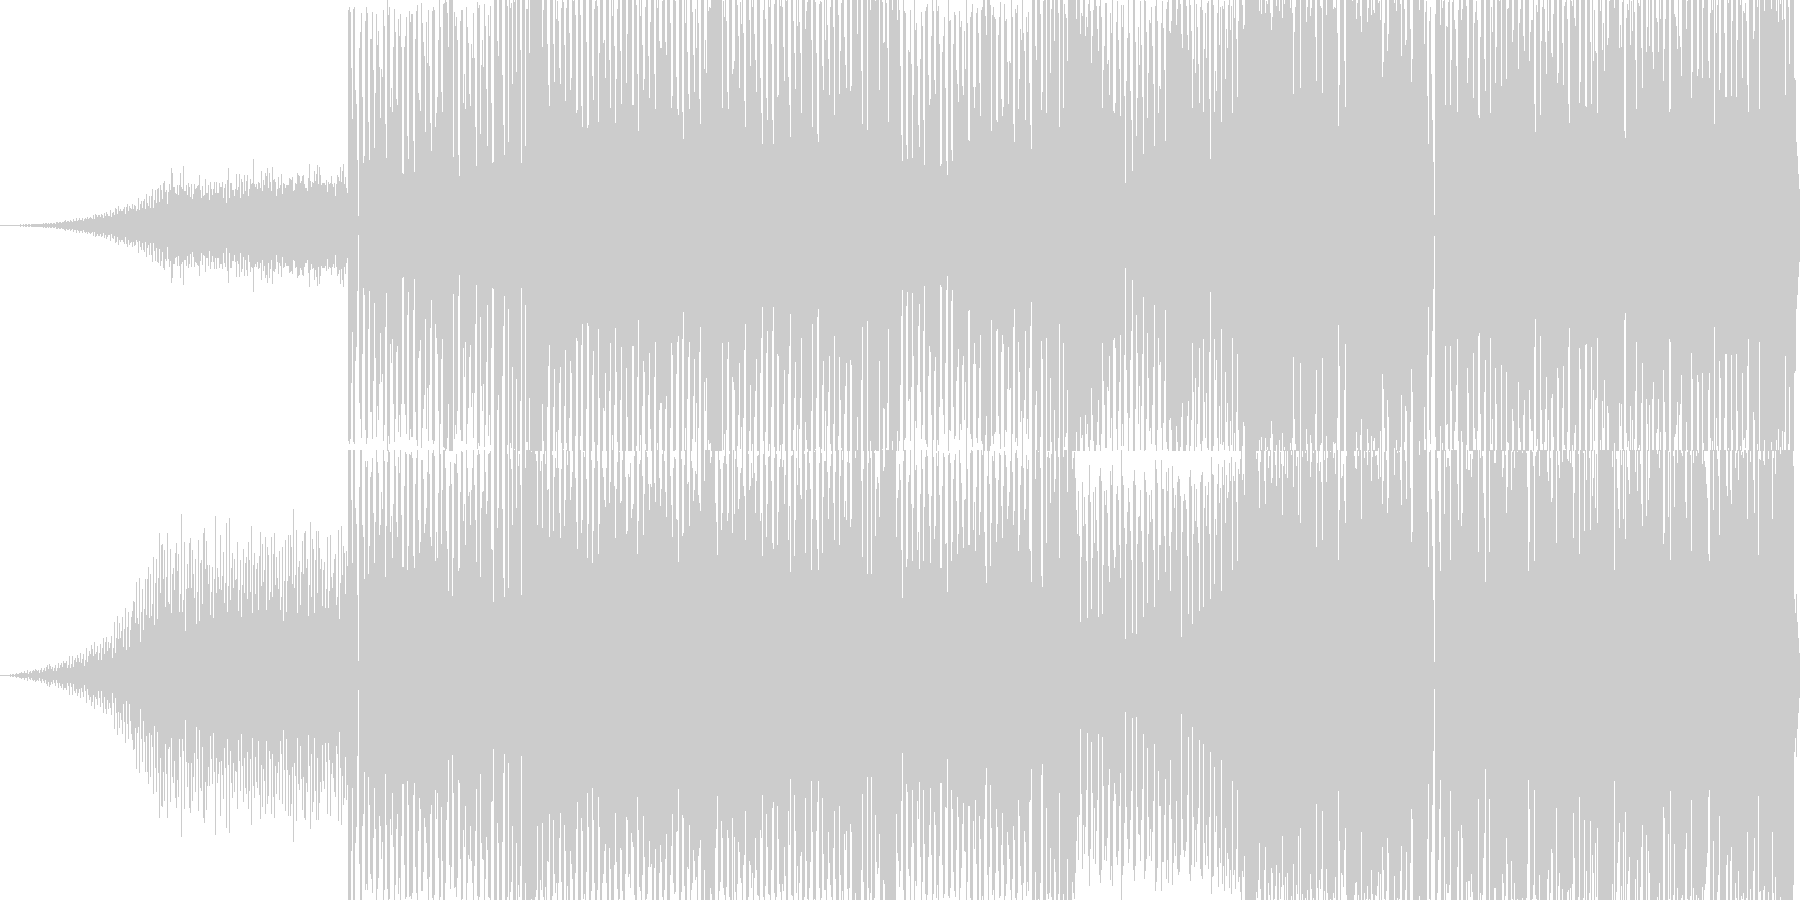 月面を宇宙飛行士がピョンピョン跳ねなが…の未再生の波形